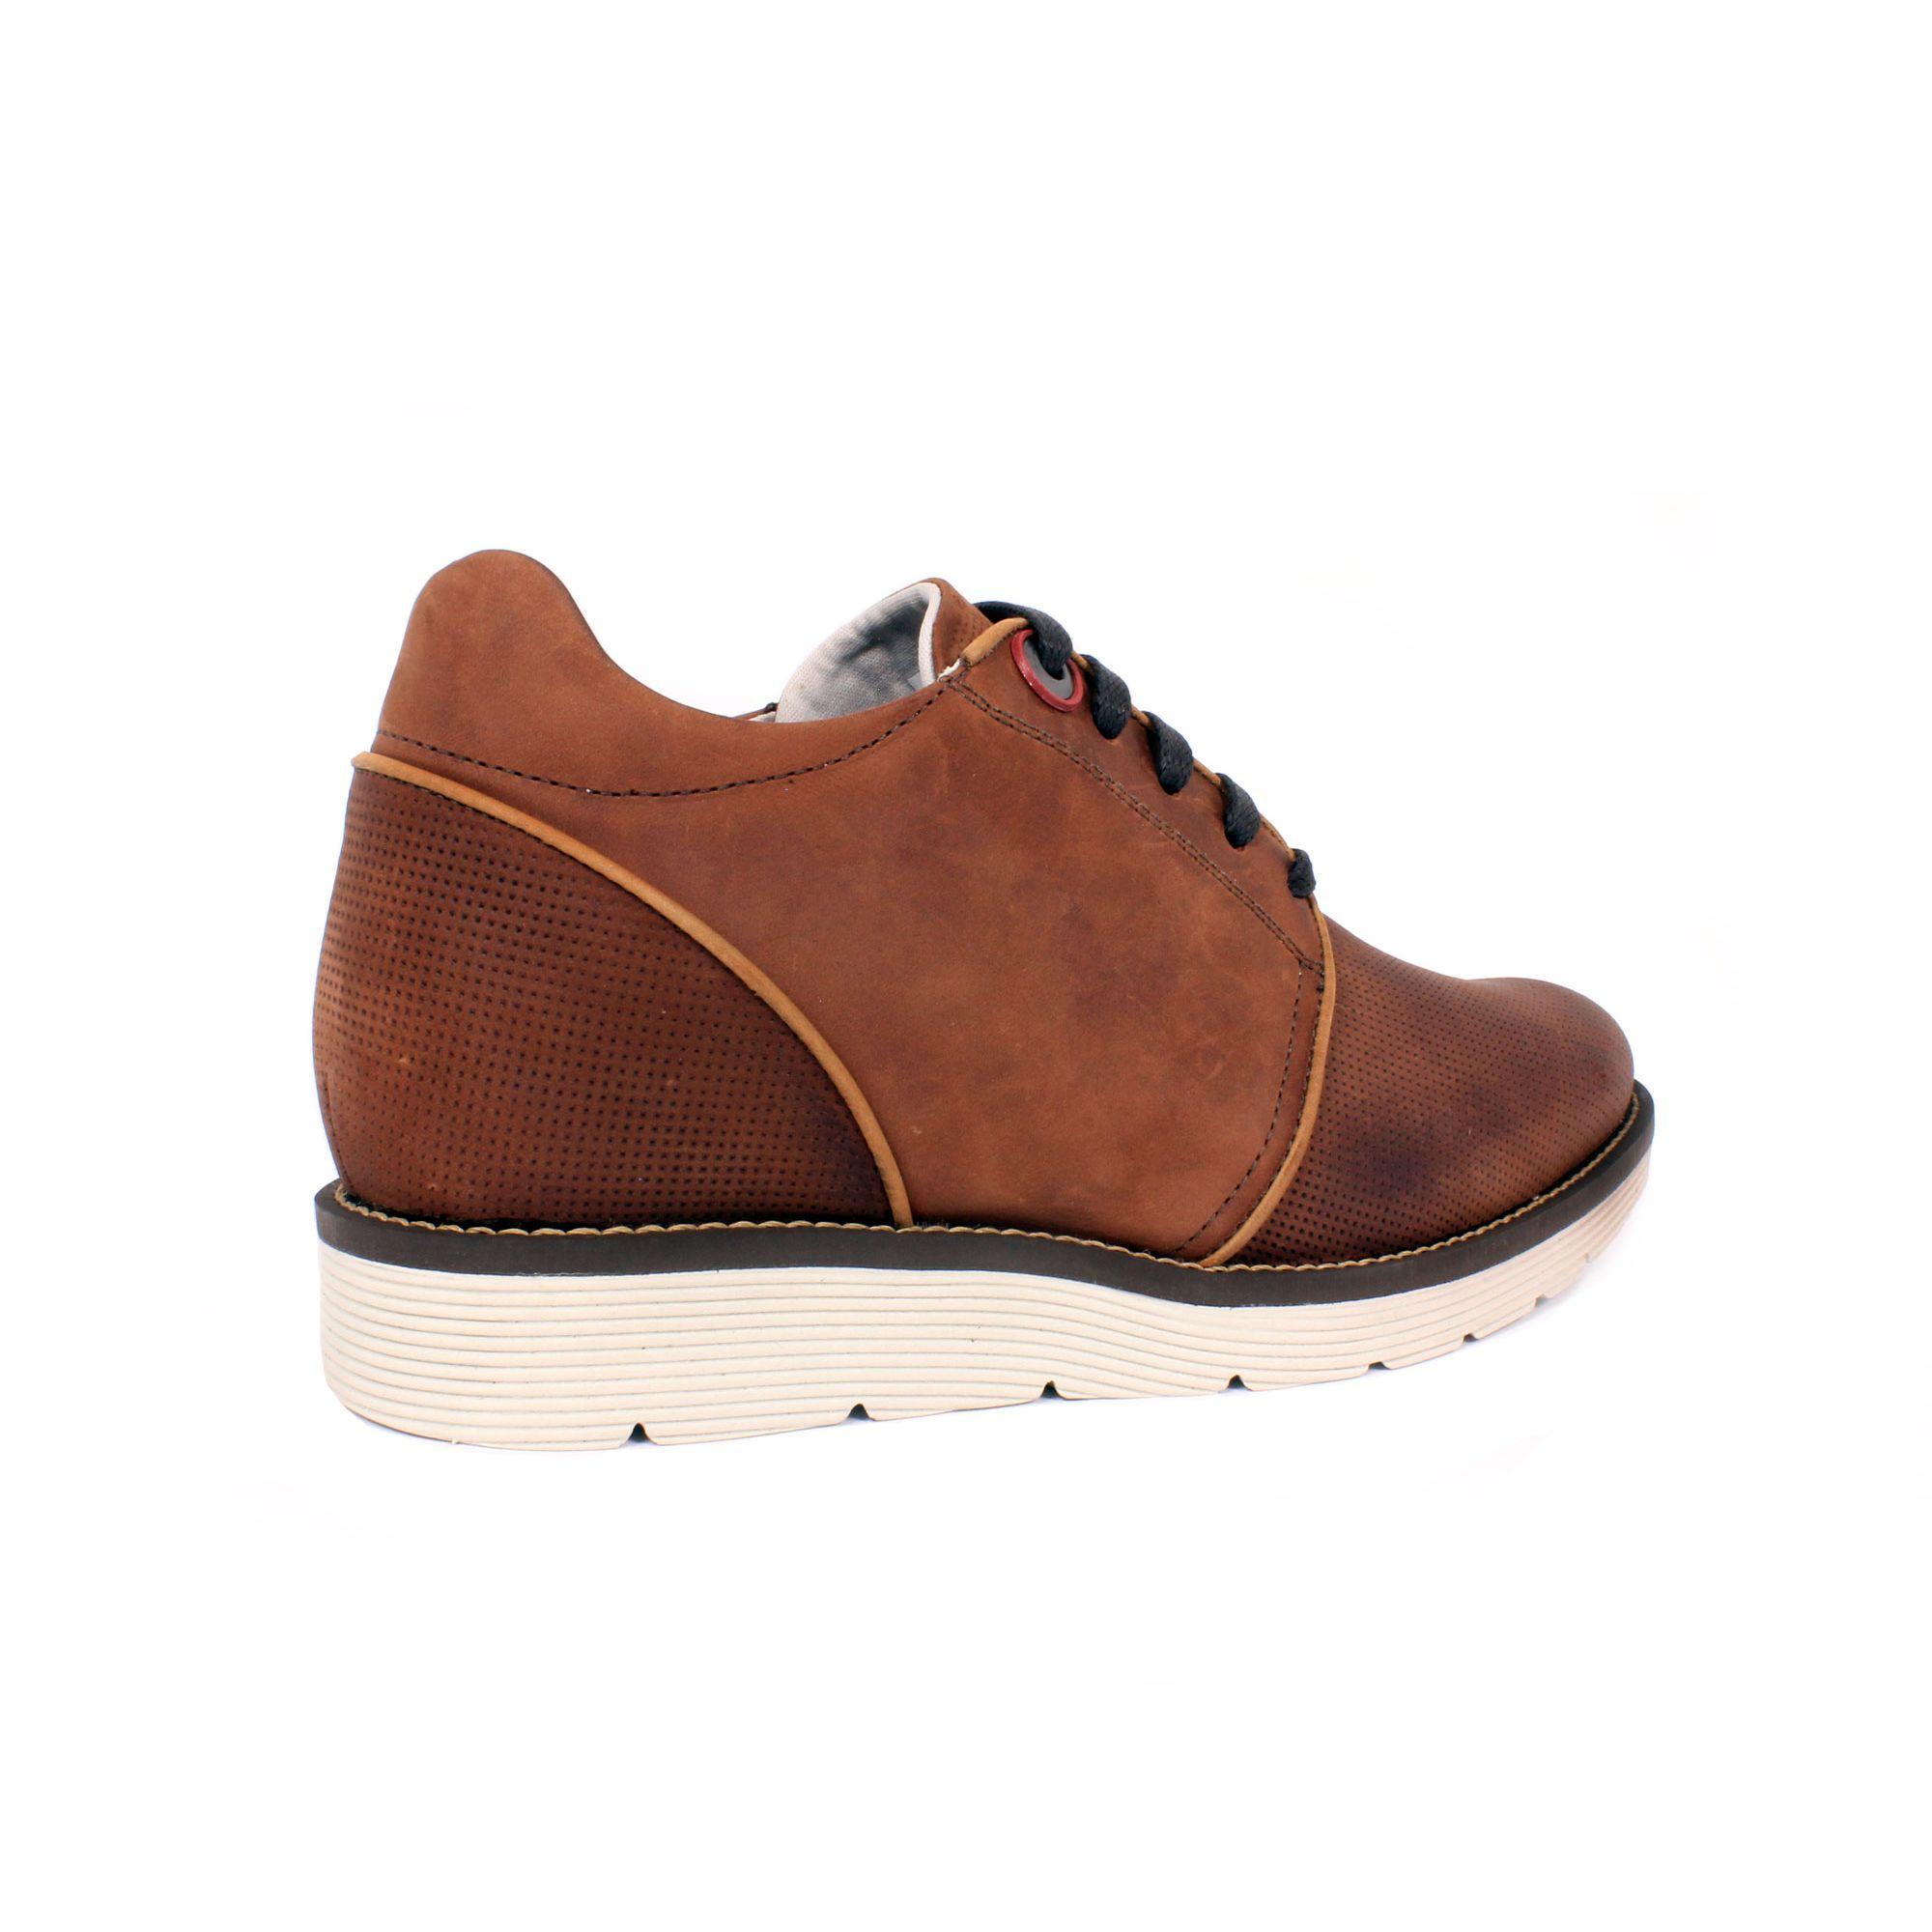 Zapato Casual Avenue Café Max Denegri +7cm de Altura_70776